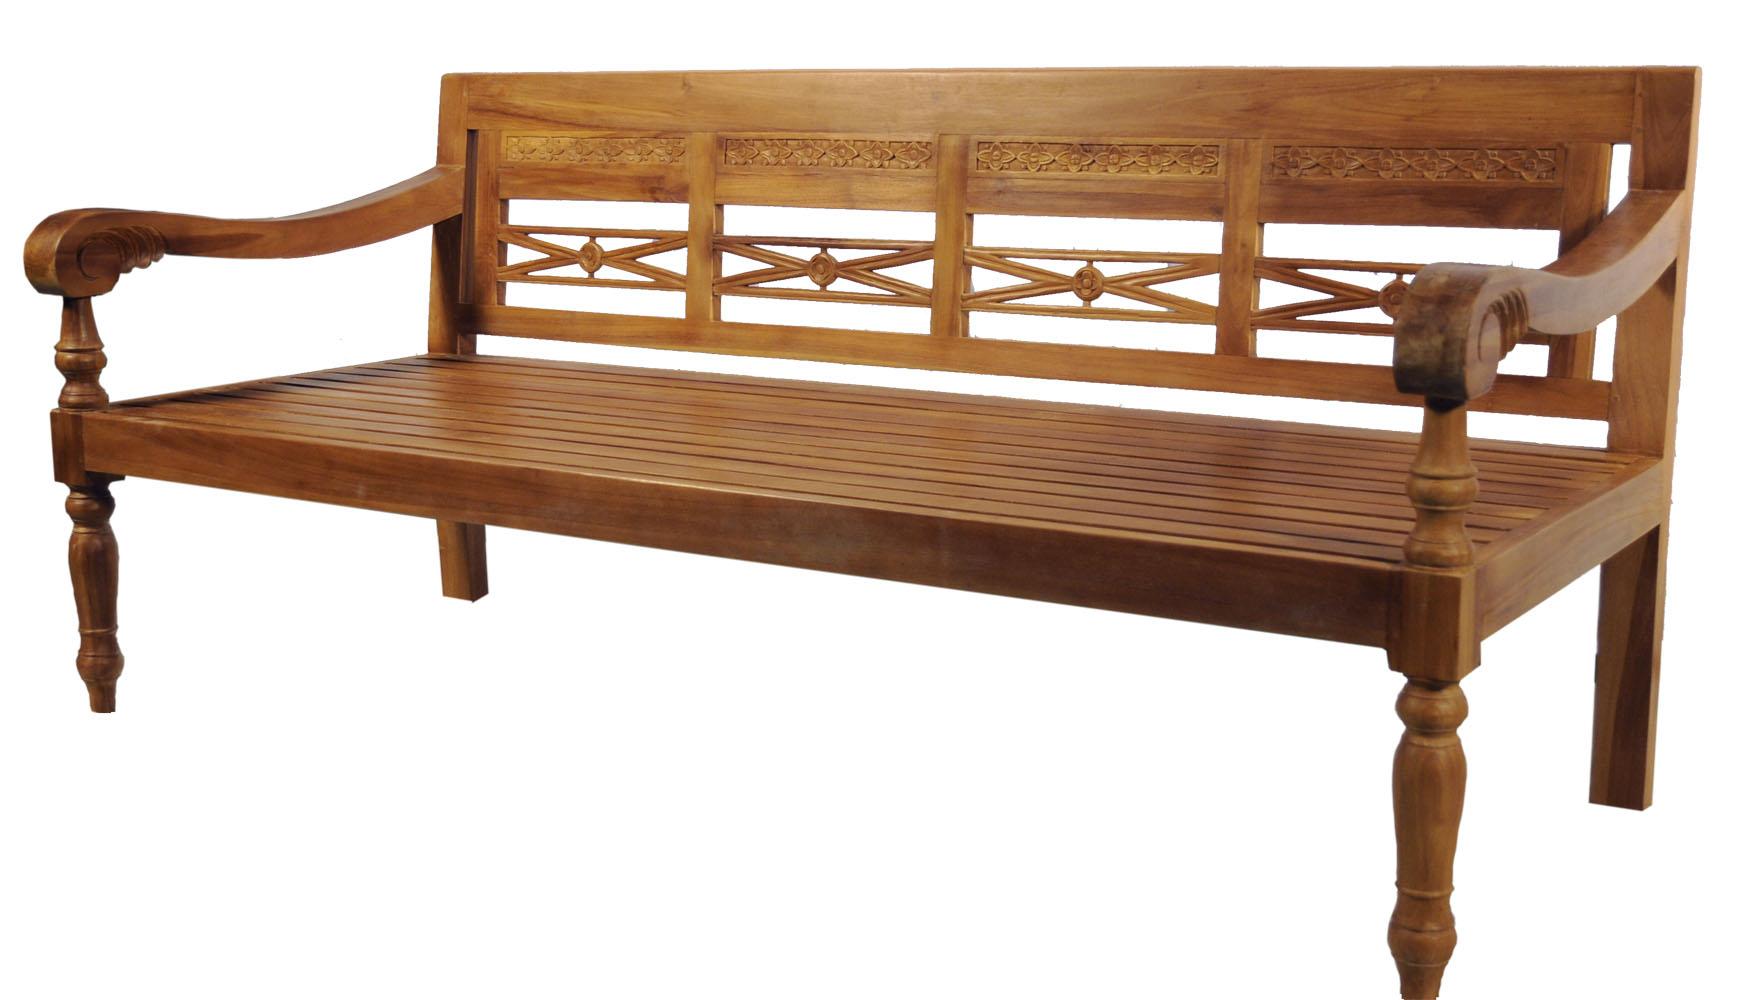 daybed teak bank. Black Bedroom Furniture Sets. Home Design Ideas